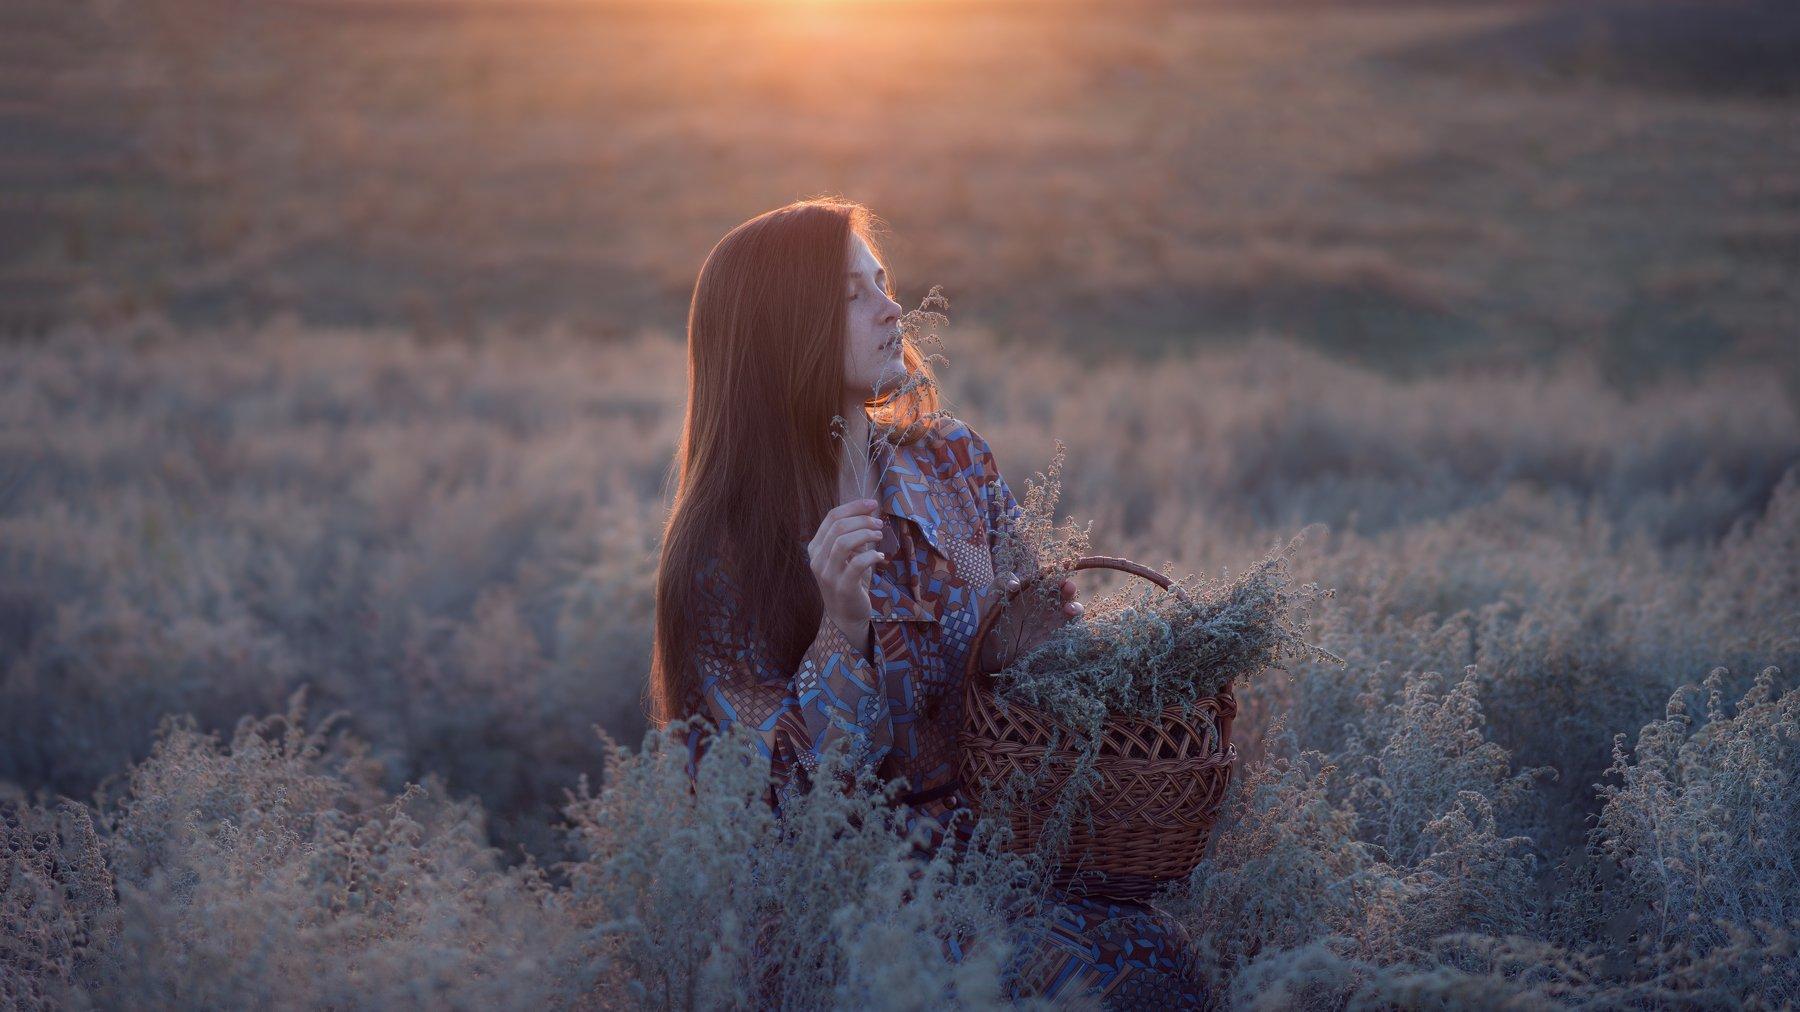 девушка, рассвет, полынь, первая заря, деревня, солнце, Катарина Винниченко